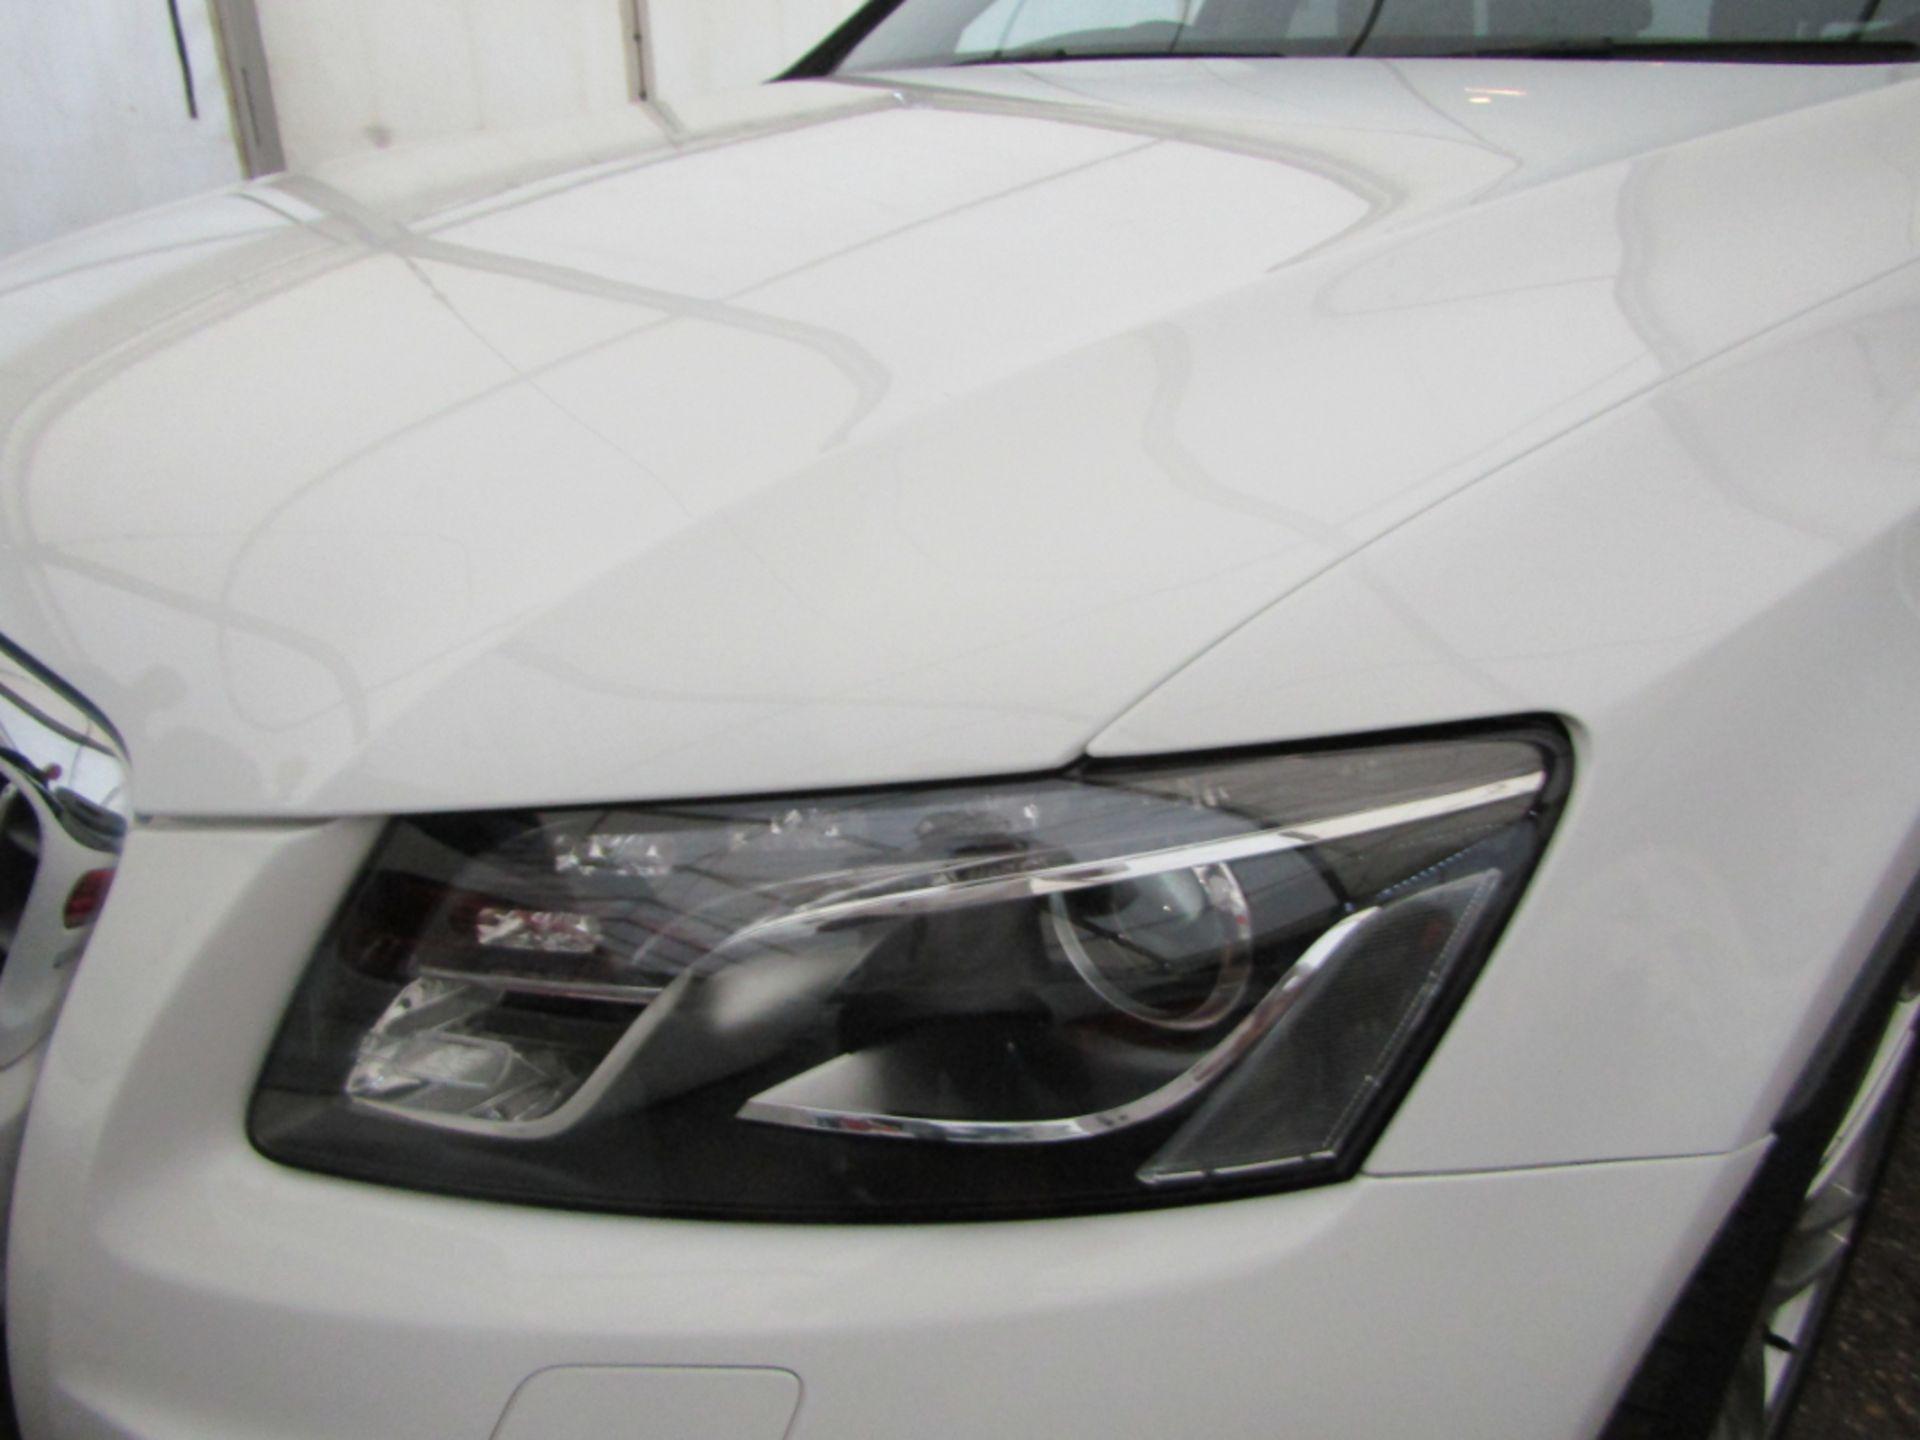 09 09 Audi Q5 S Line TFSI Quattro - Image 3 of 17